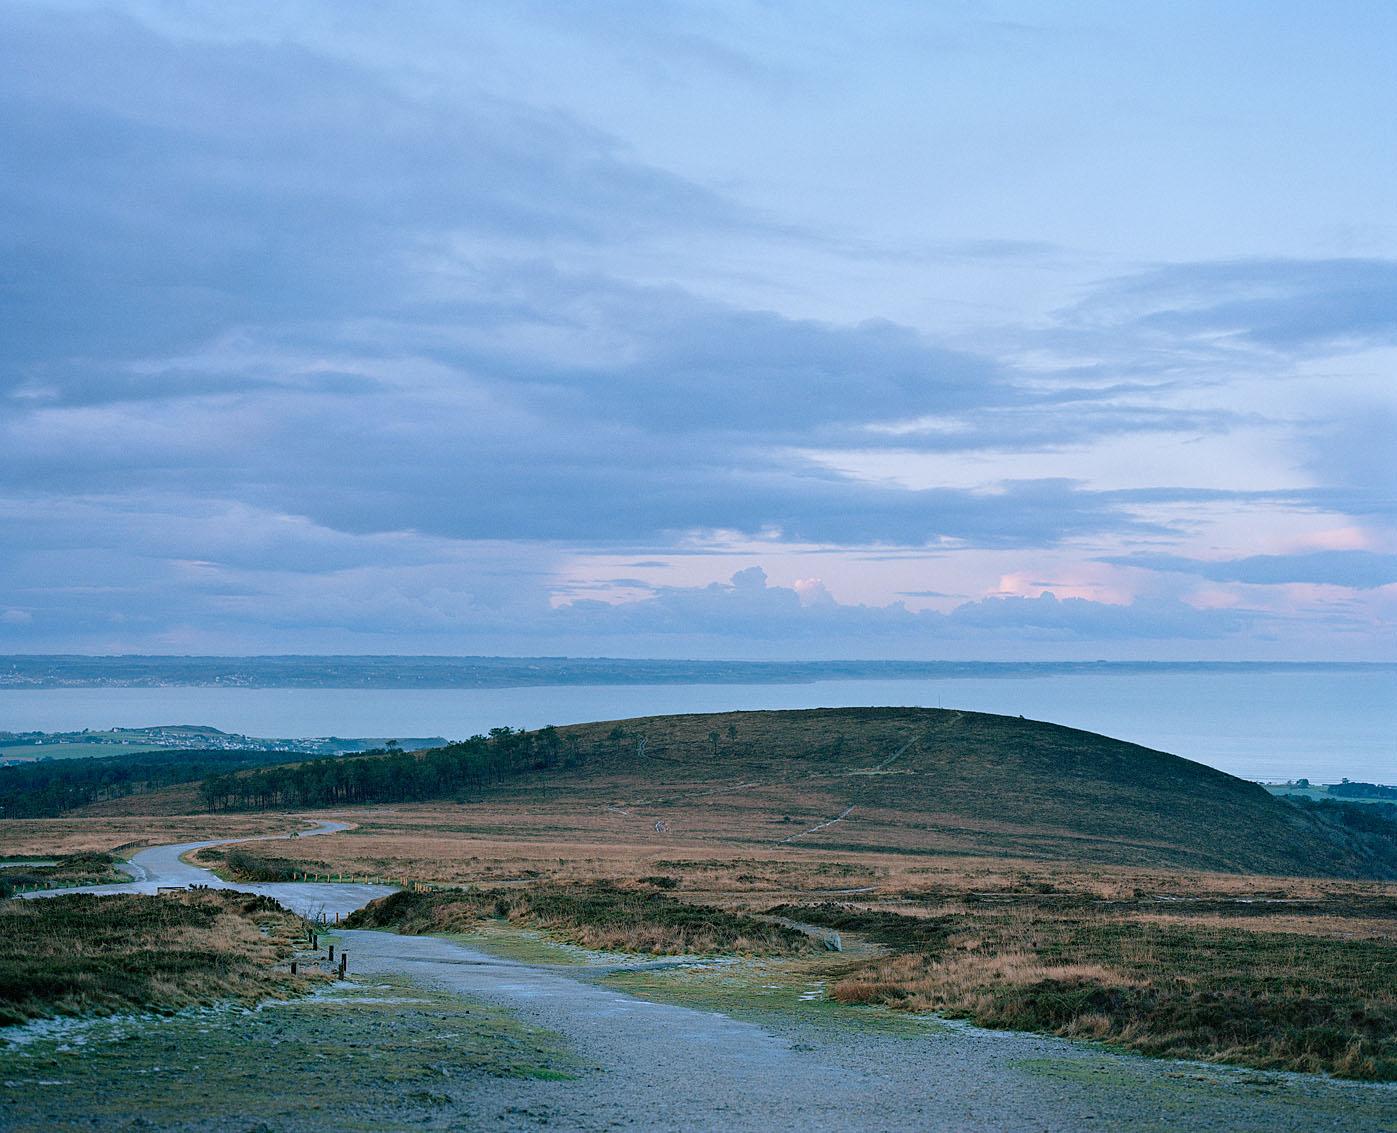 Baie de Douarnenez depuis le Menez Hom, Finistère.